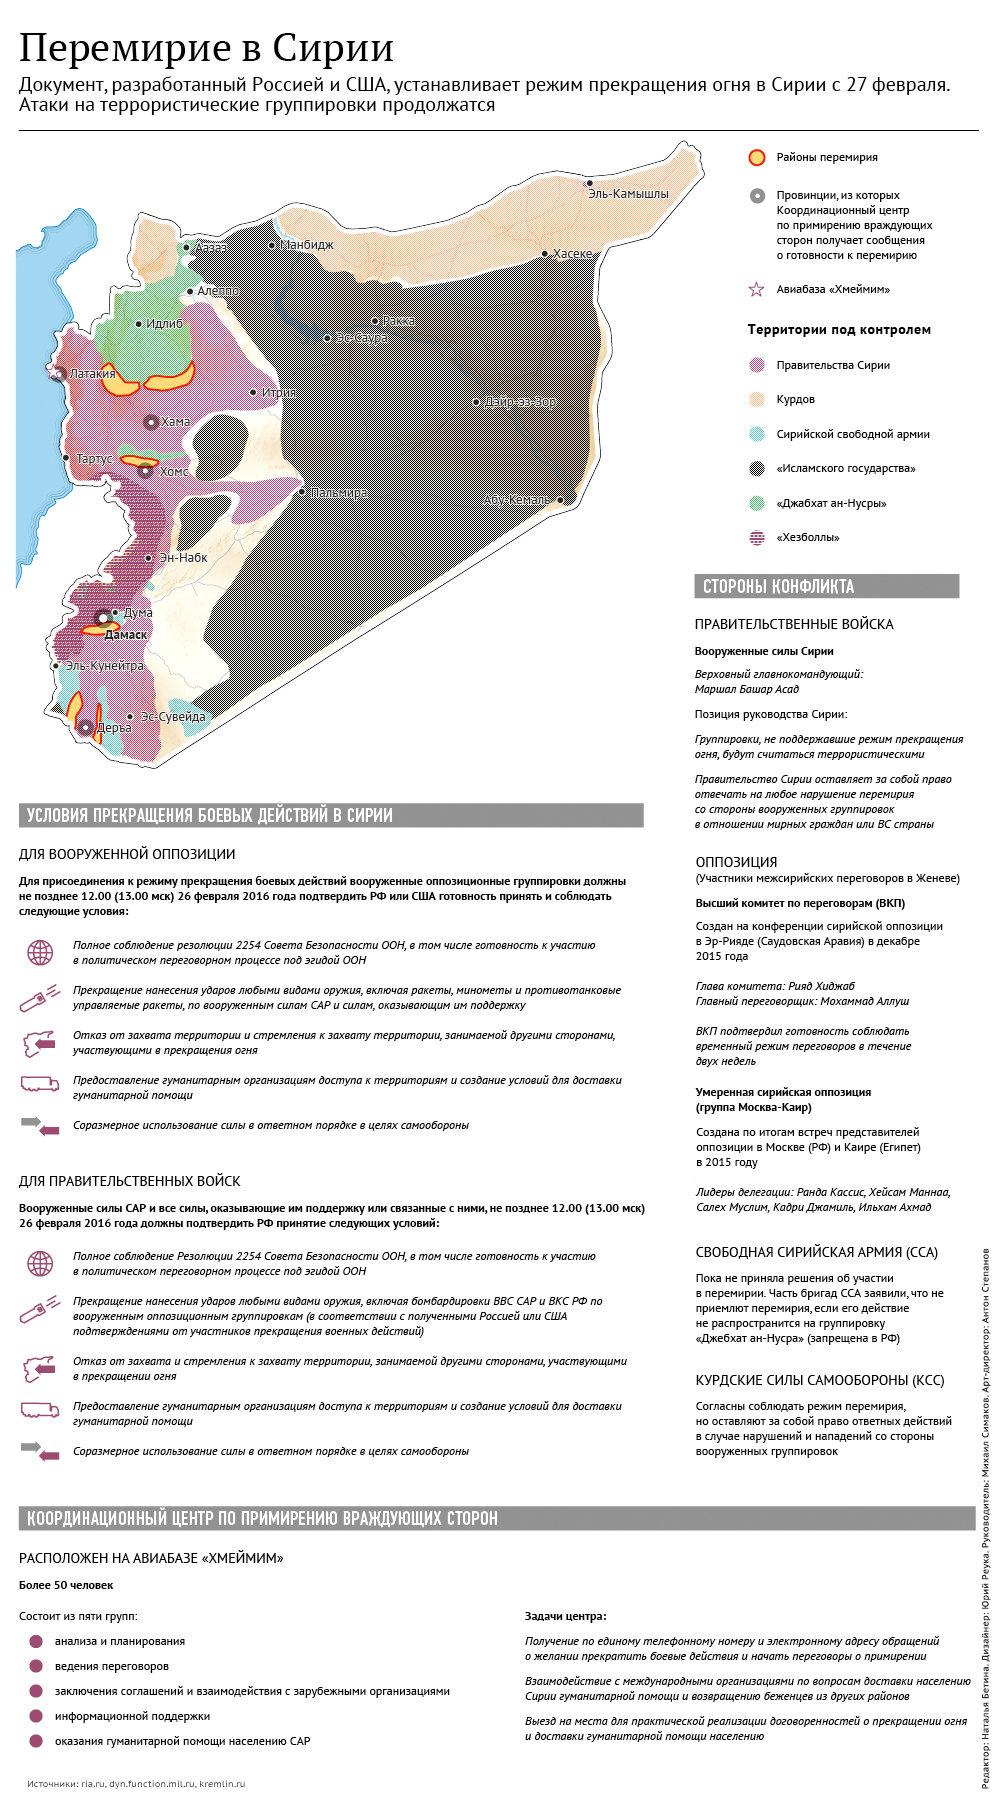 Перемирие в Сирии: условия и координационный центр